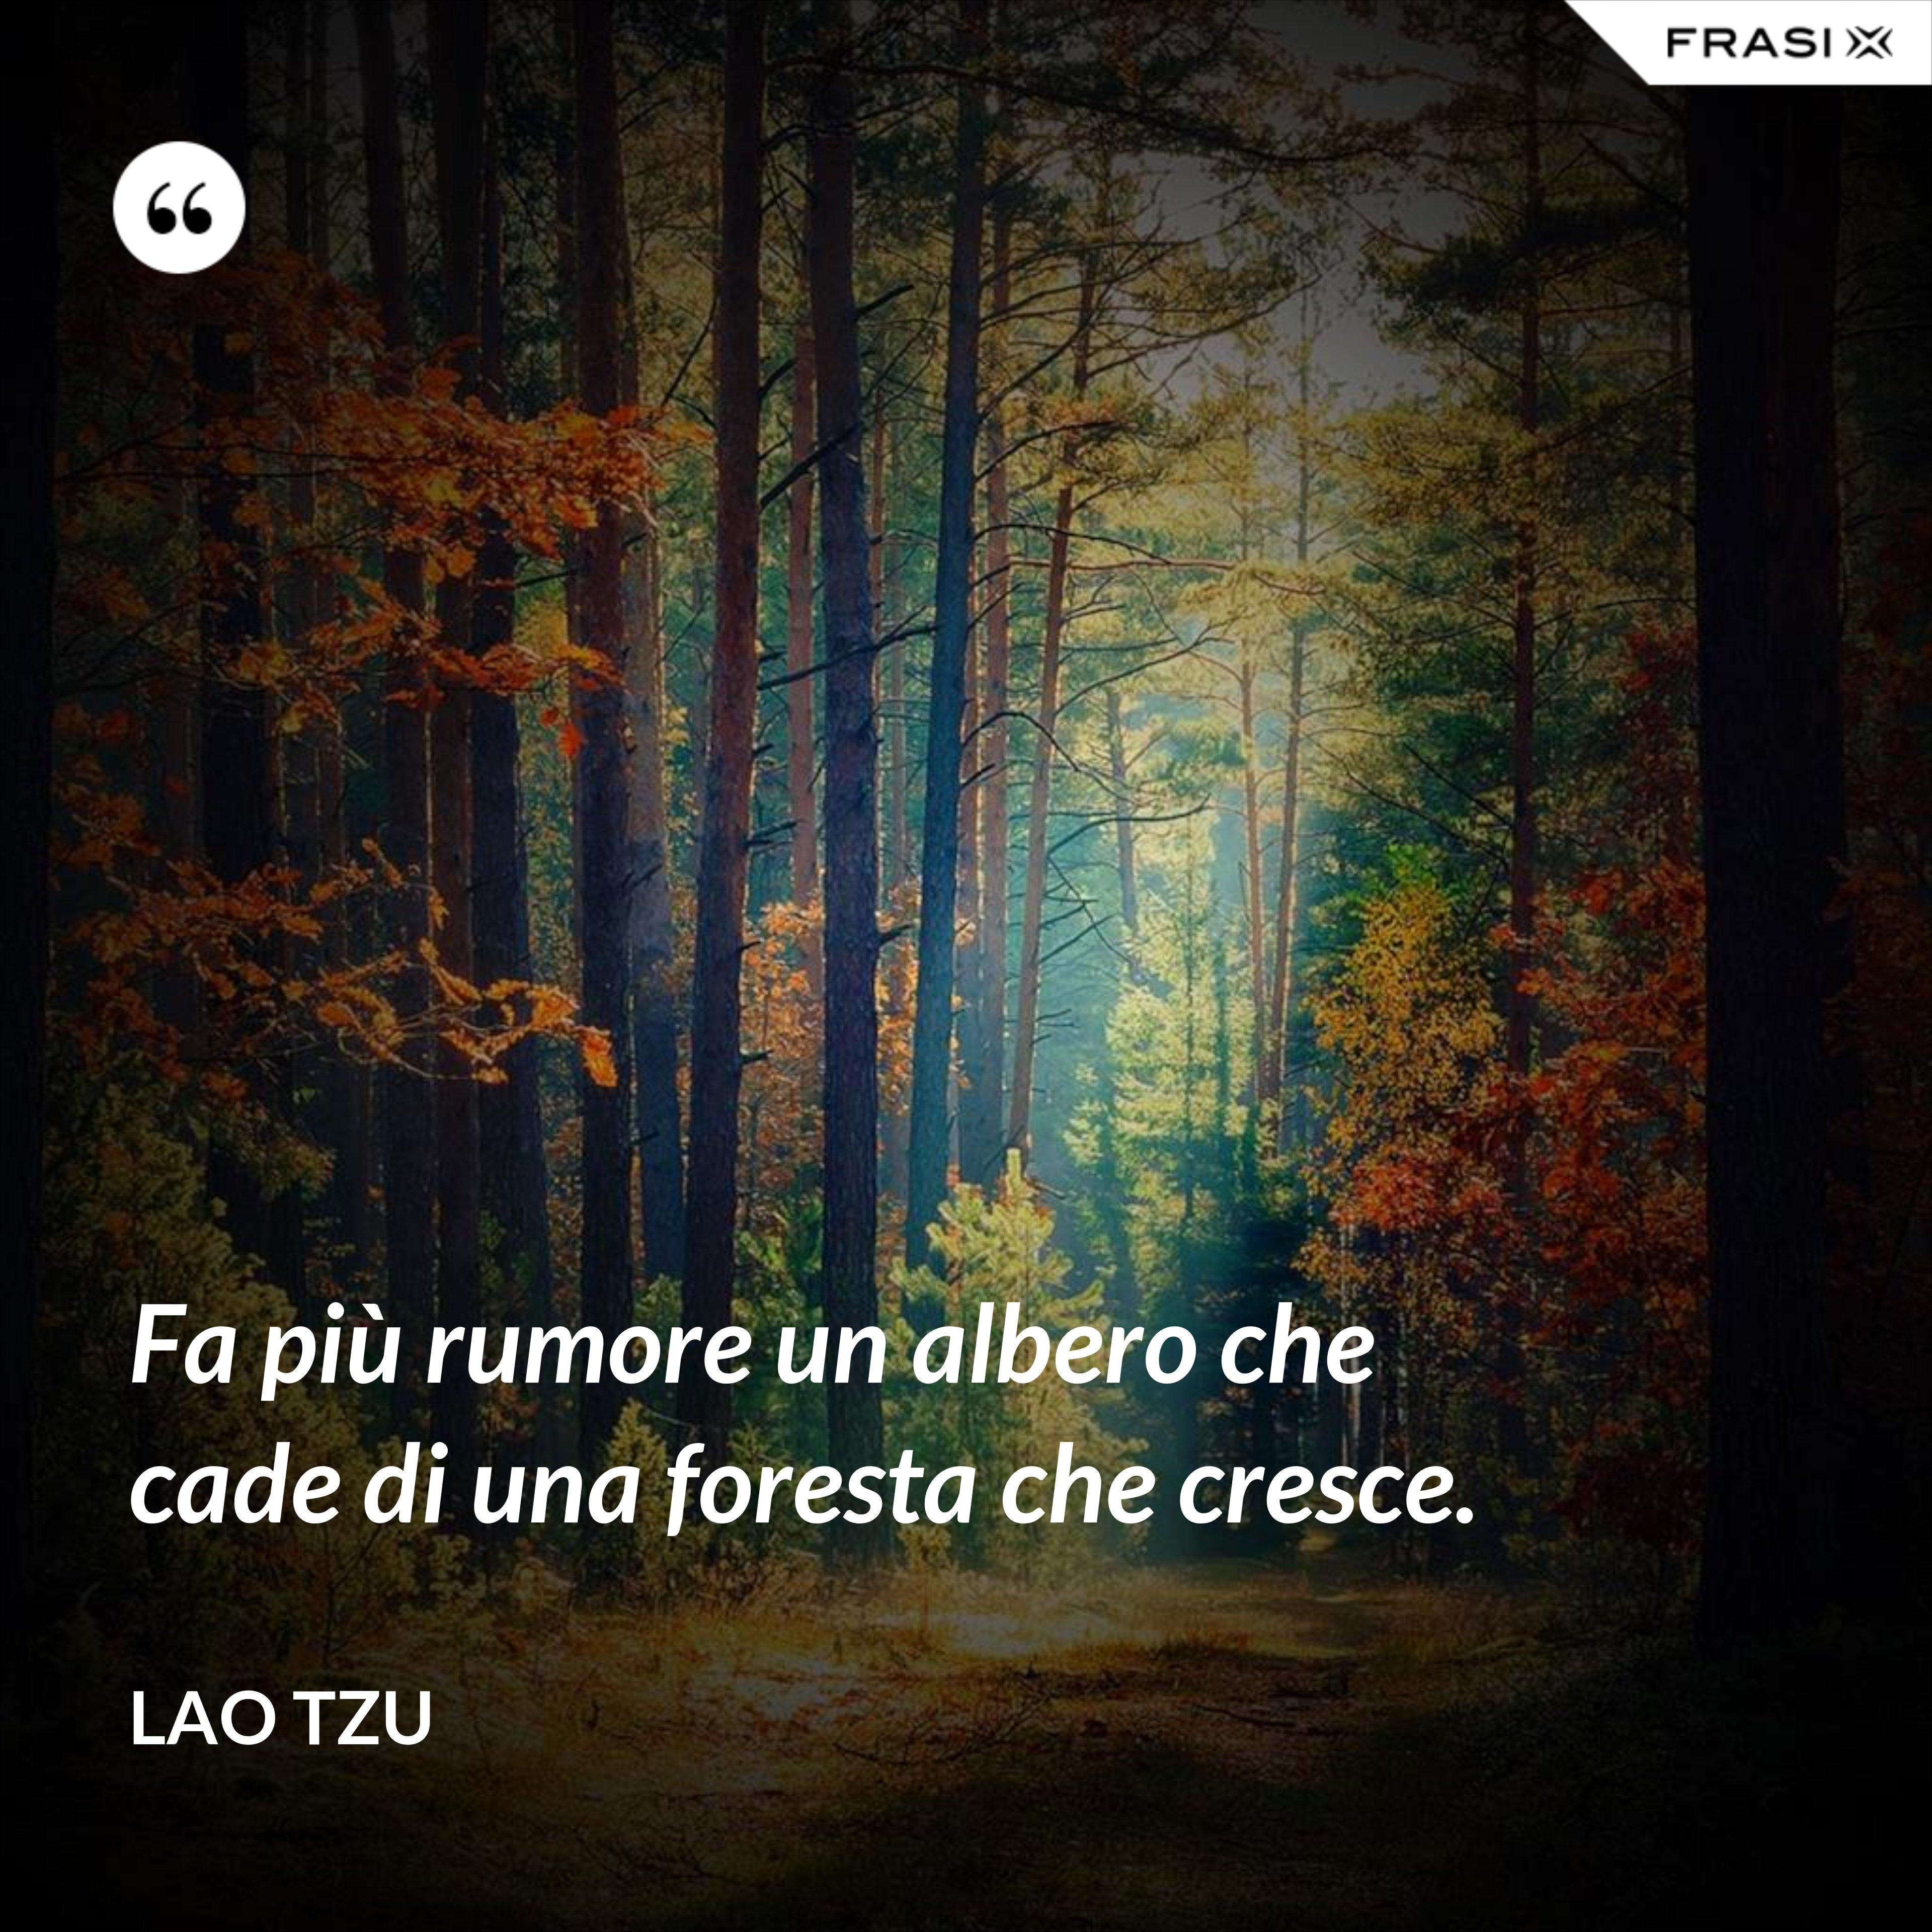 Fa più rumore un albero che cade di una foresta che cresce. - Lao Tzu